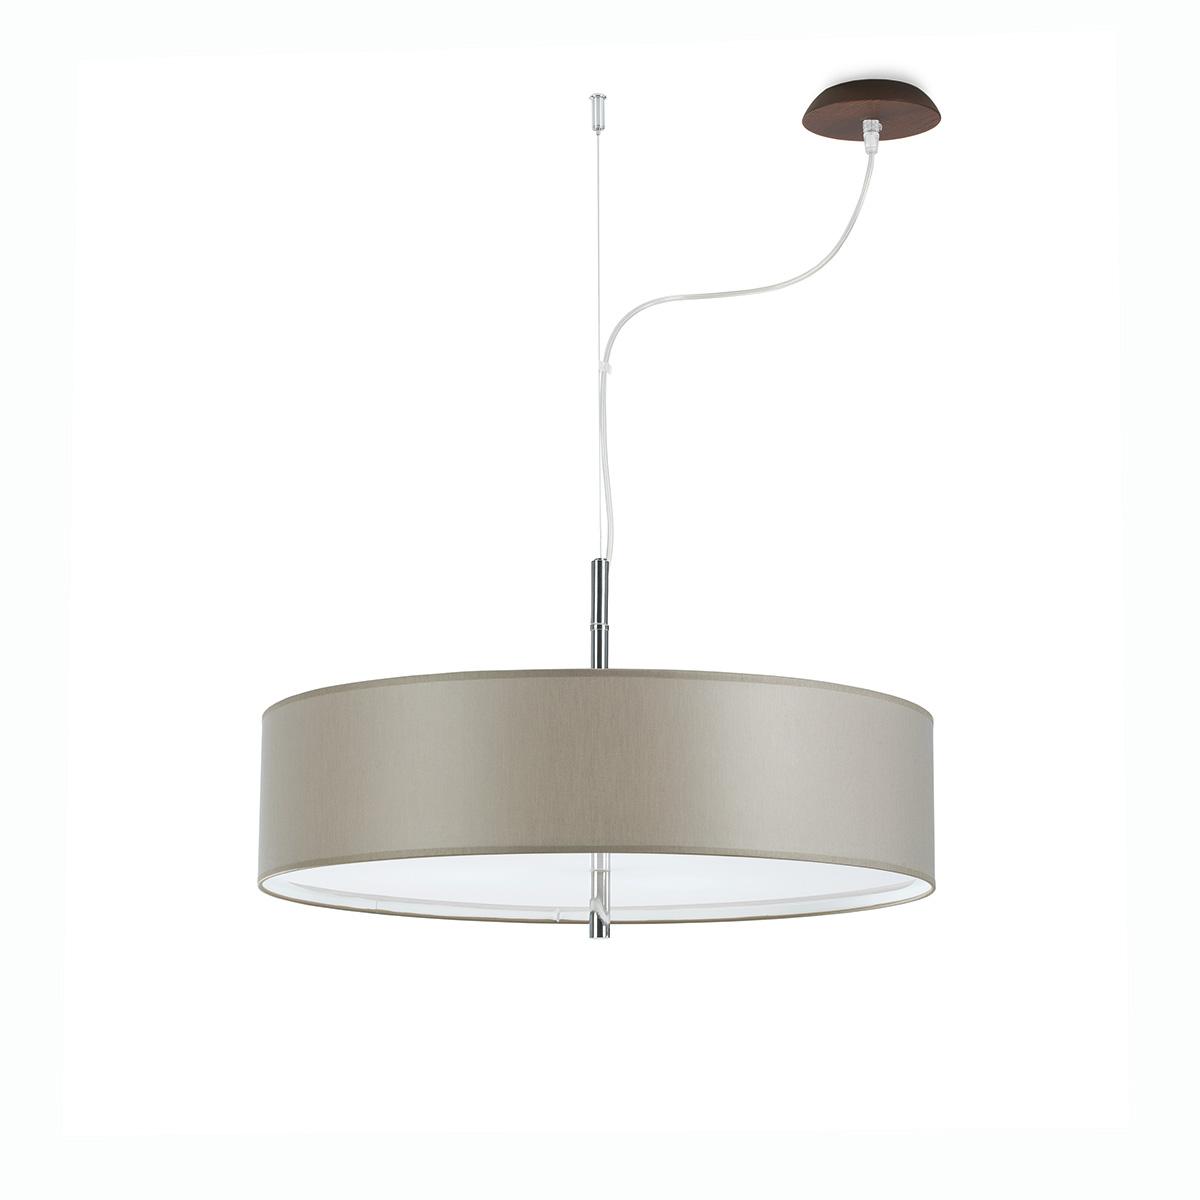 Κρεμαστό φωτιστικό OVNI suspension lamp